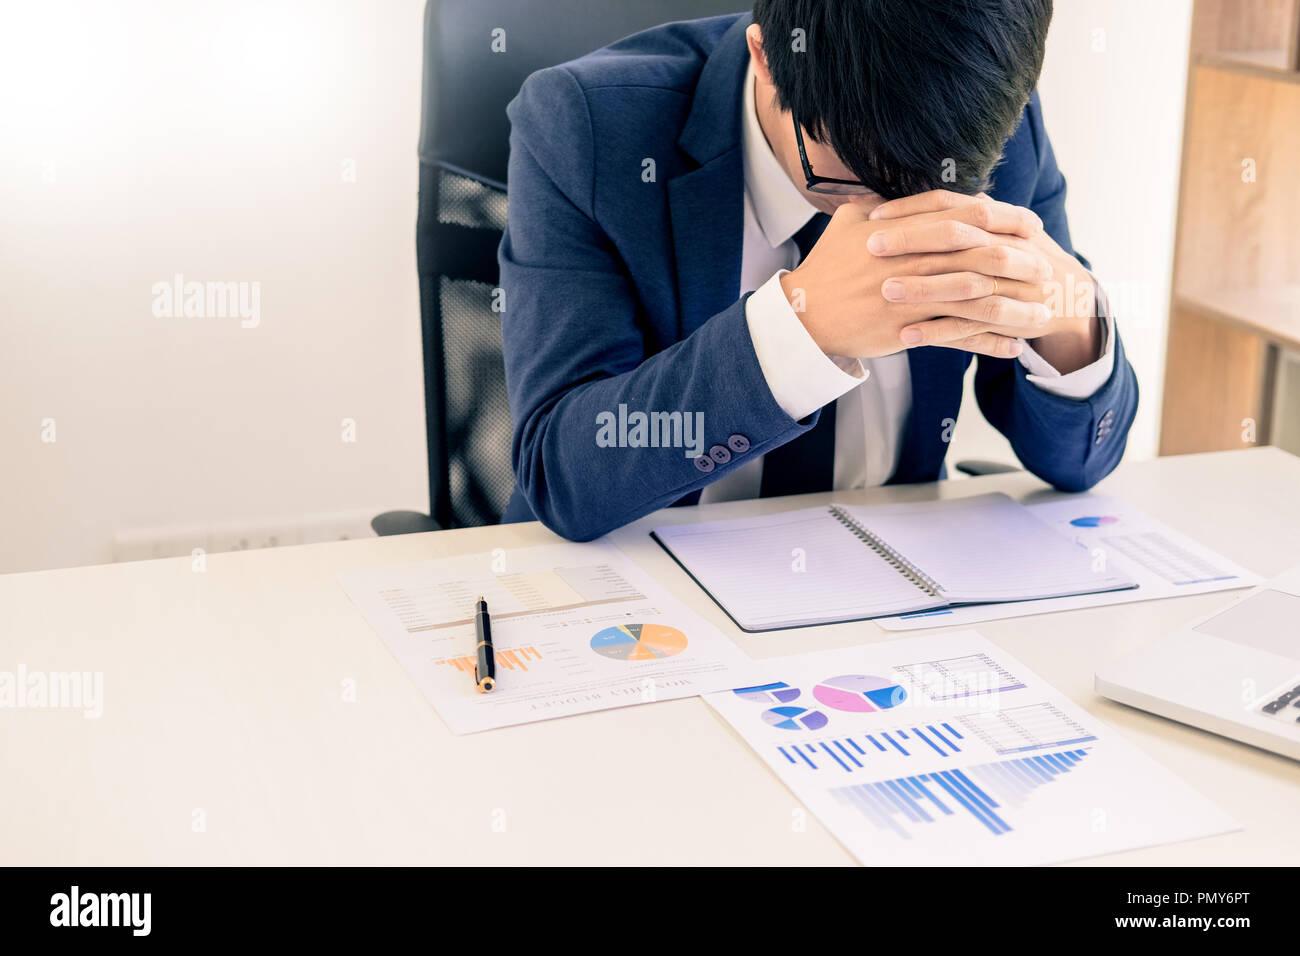 Niedergeschlagen und müde Geschäftsmann Ende traurig und Problembehebung im Amt. im Tagungsraum. betont und bei der Arbeit Krise Konzept besorgt. Stockbild